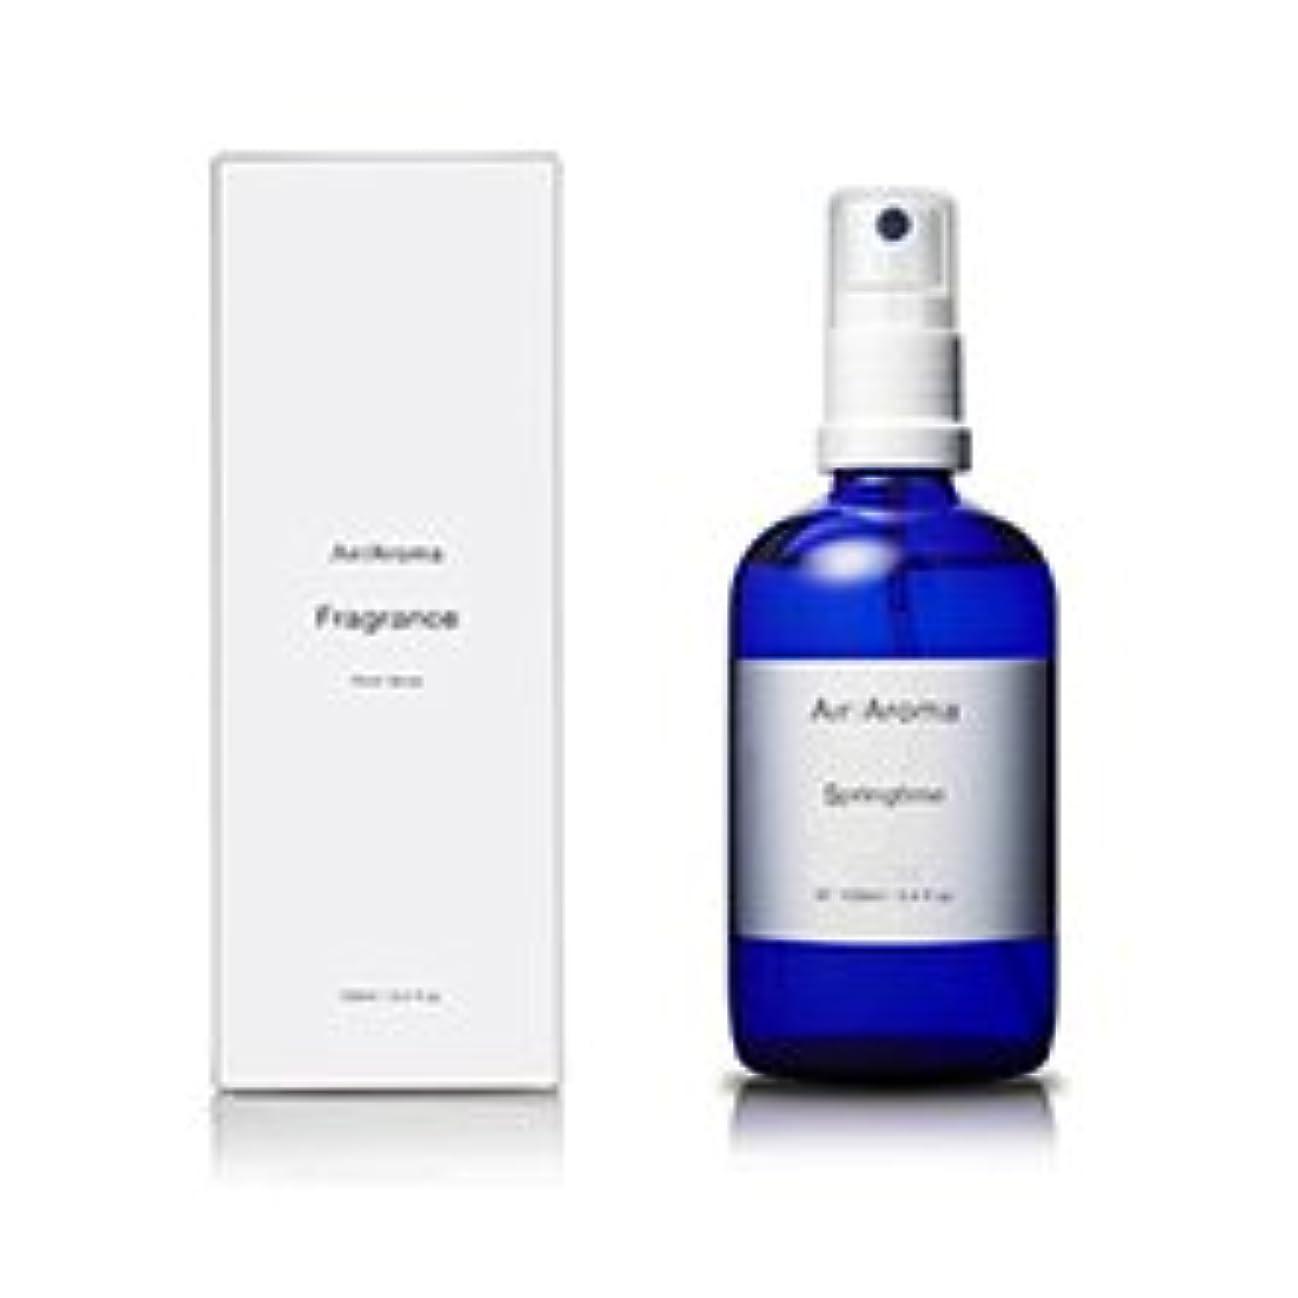 塗抹指令アンビエントエアアロマ springtime room fragrance(スプリングタイム ルームフレグランス)100ml